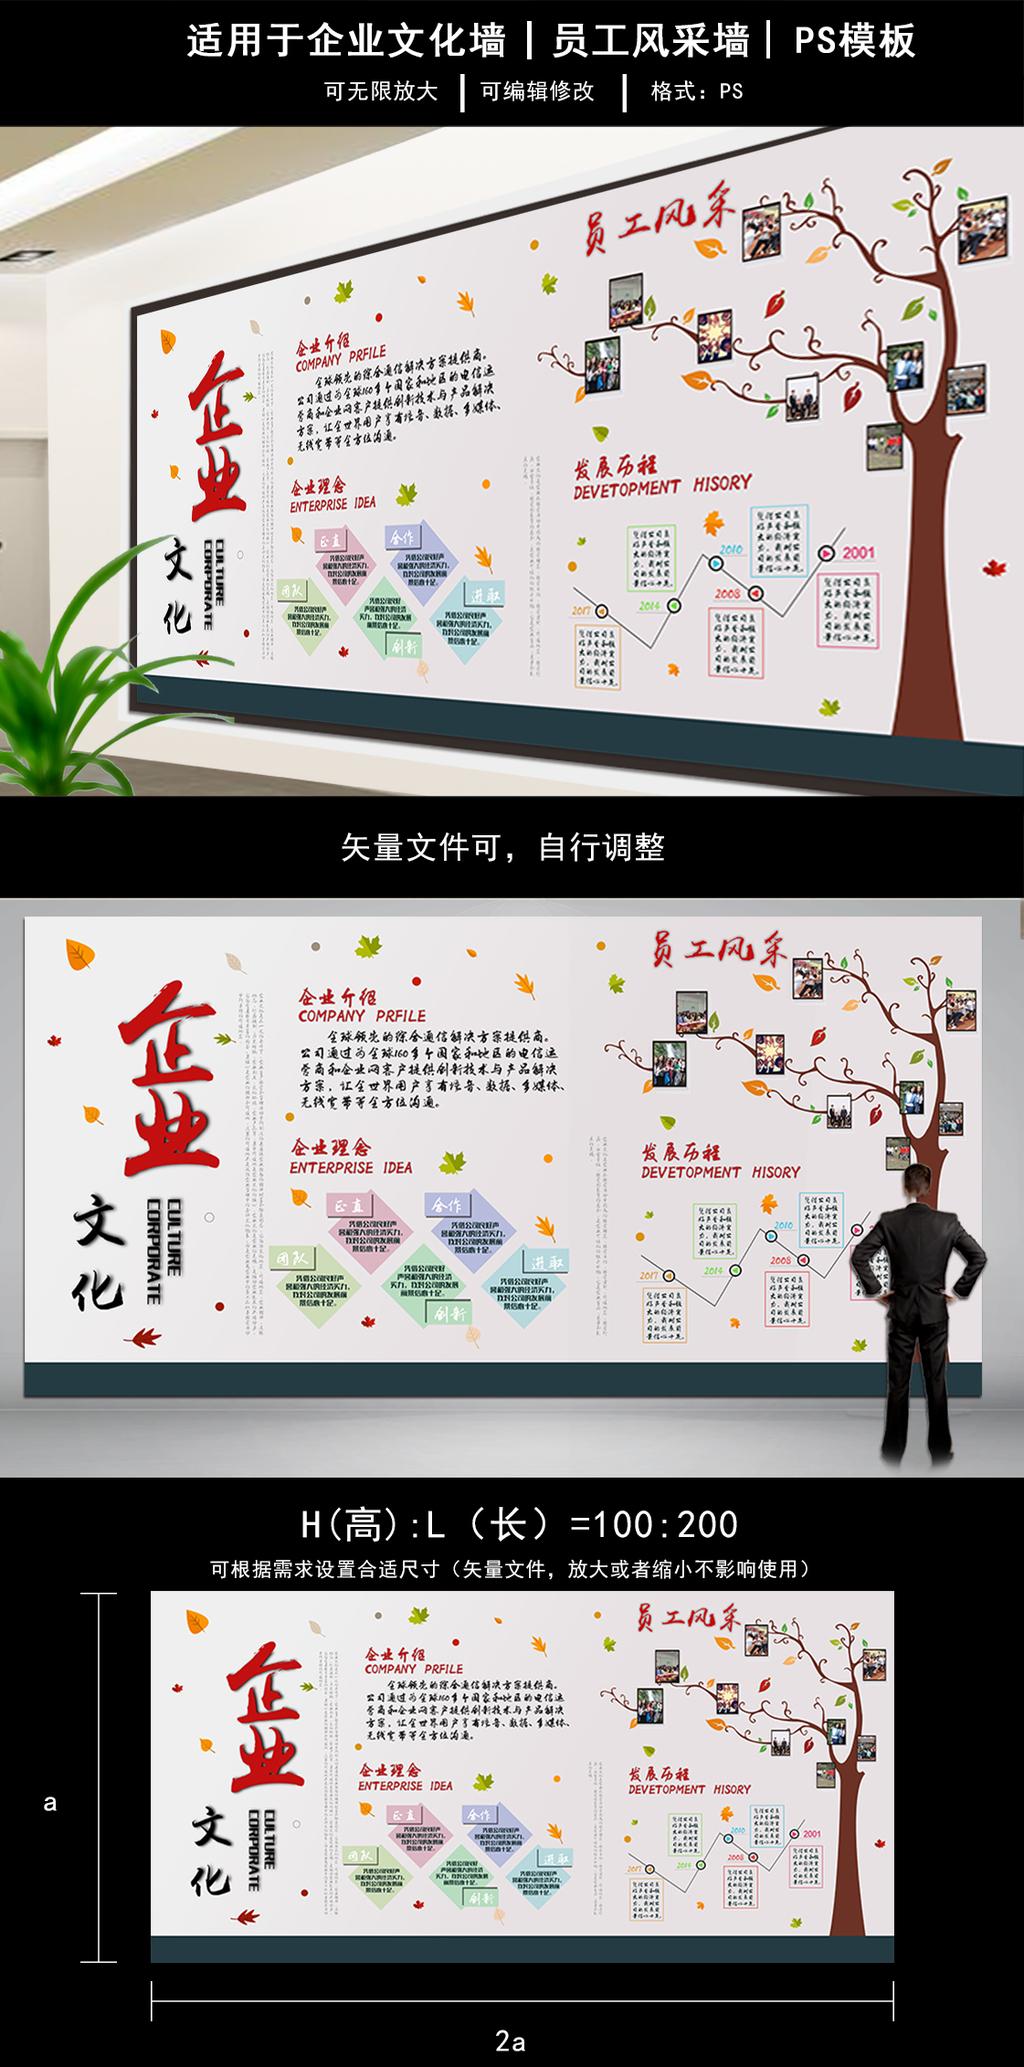 原创设计办公室企业文化墙员工风采员工照片墙宣传墙